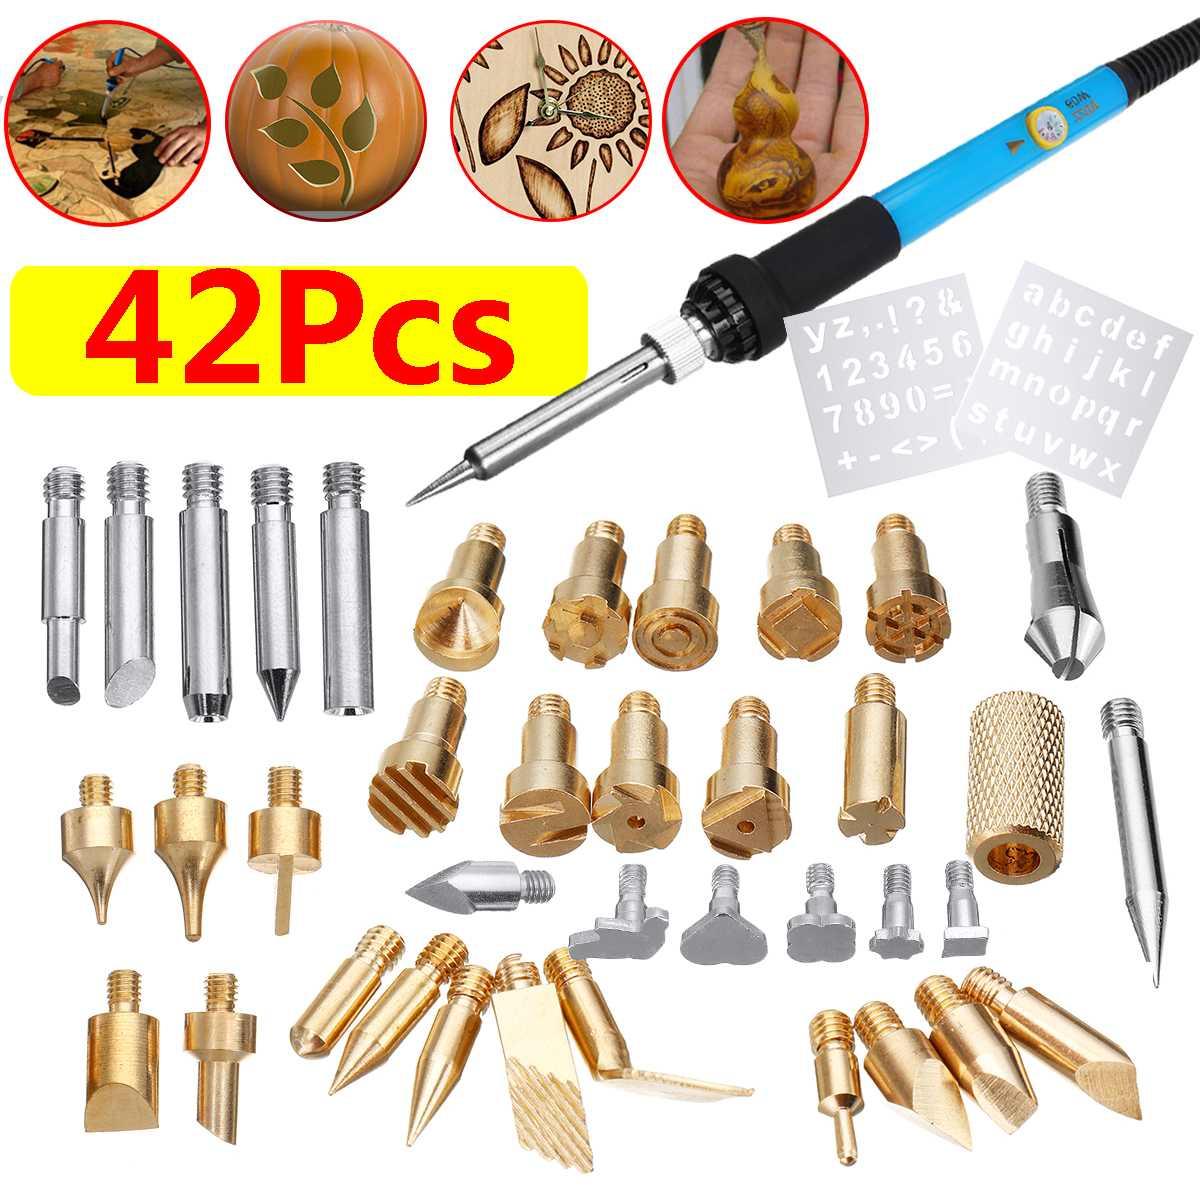 42 Uds 60W Kit de soldadura eléctrico de hierro punta de la pluma de la quema de madera herramienta de artesanía de pirograbado 110 V/220 V US/EU Reparación de enchufe para carpintería